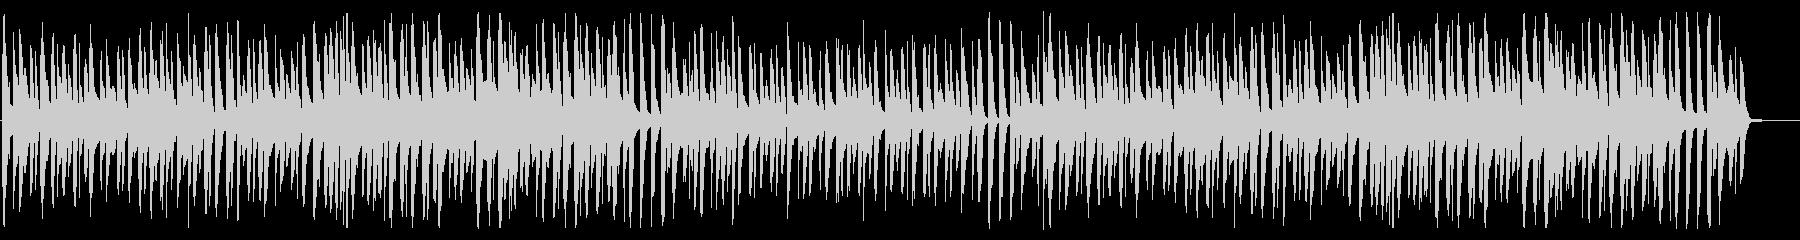 ほのぼのポップ ハーモニカ カジュアル の未再生の波形